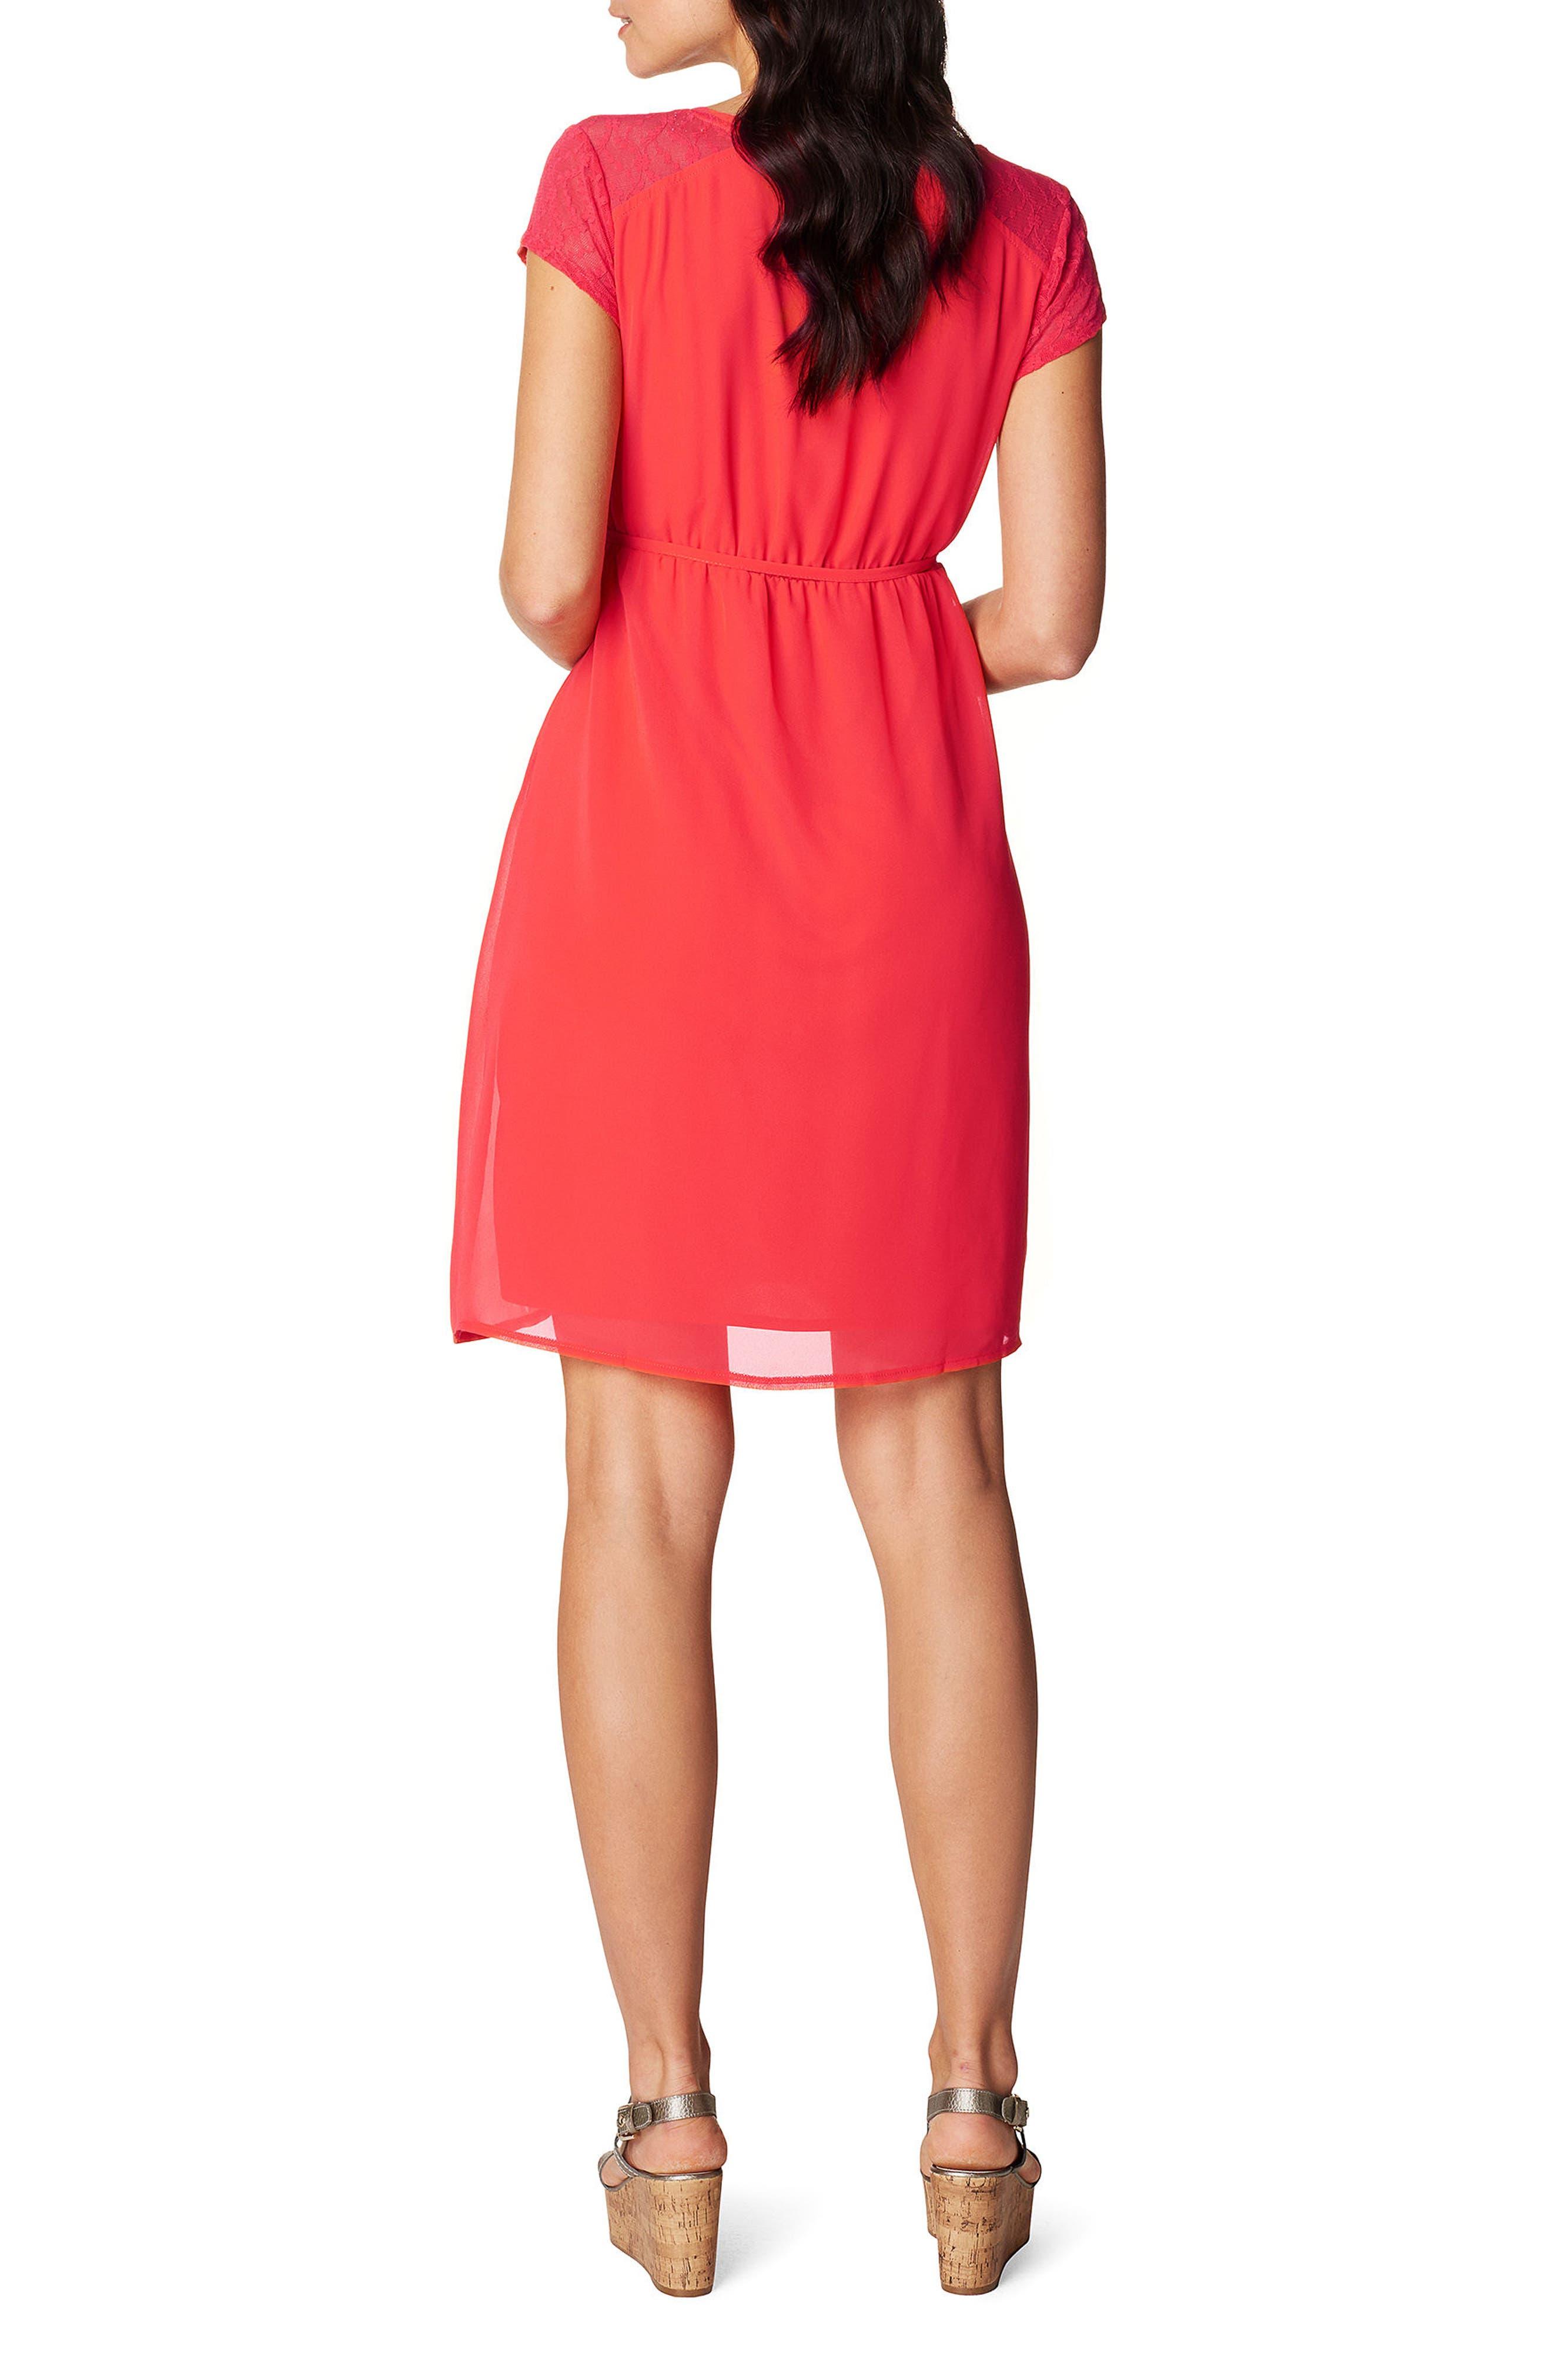 Noelle Maternity Dress,                             Alternate thumbnail 2, color,                             Red